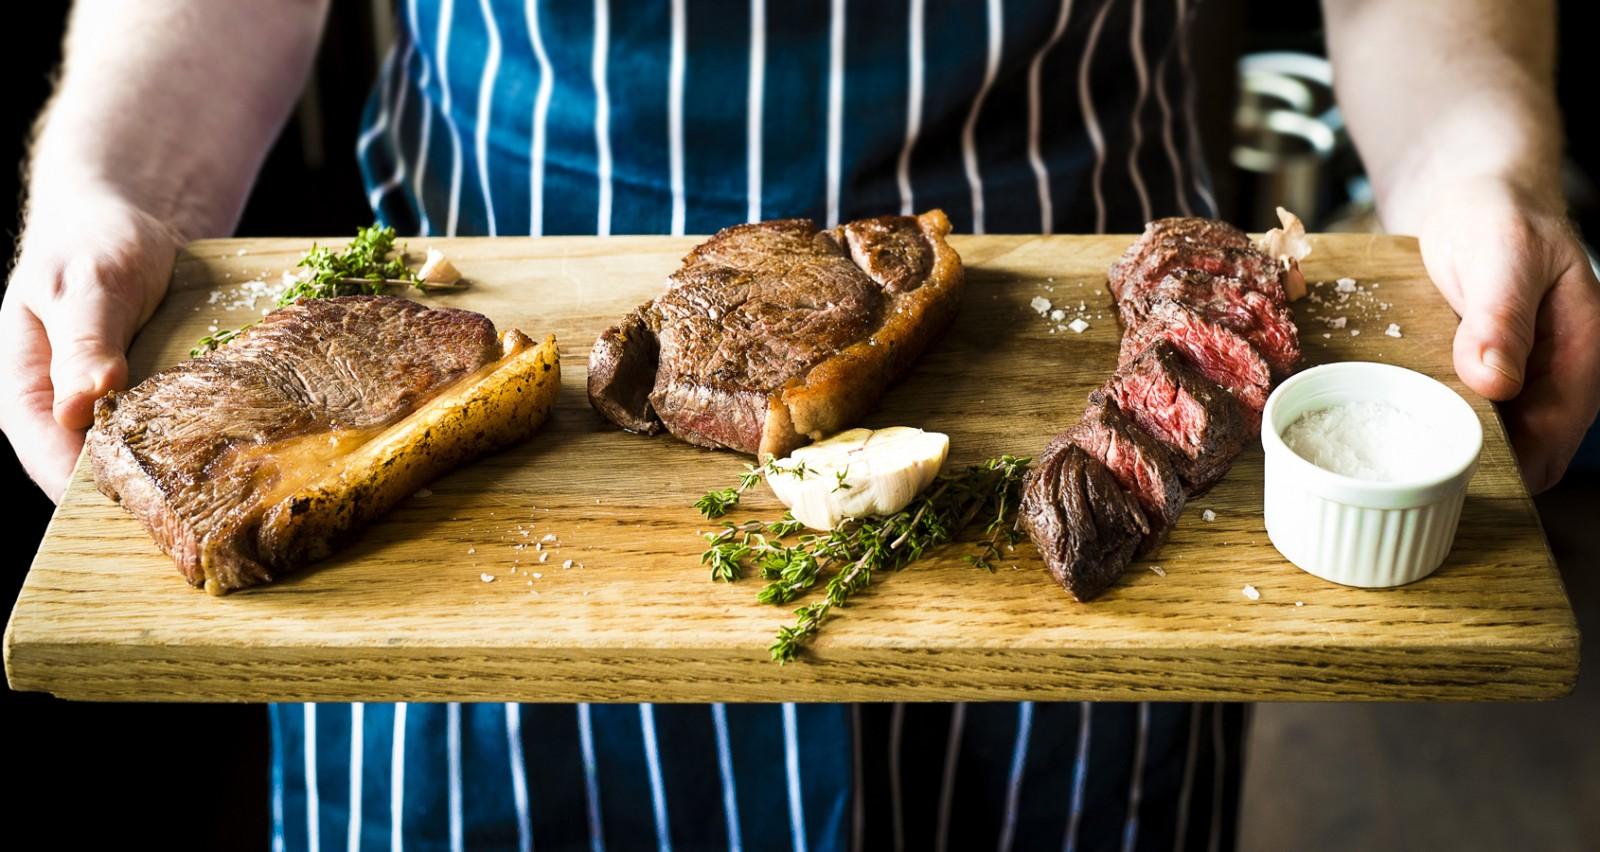 Refectory steaks